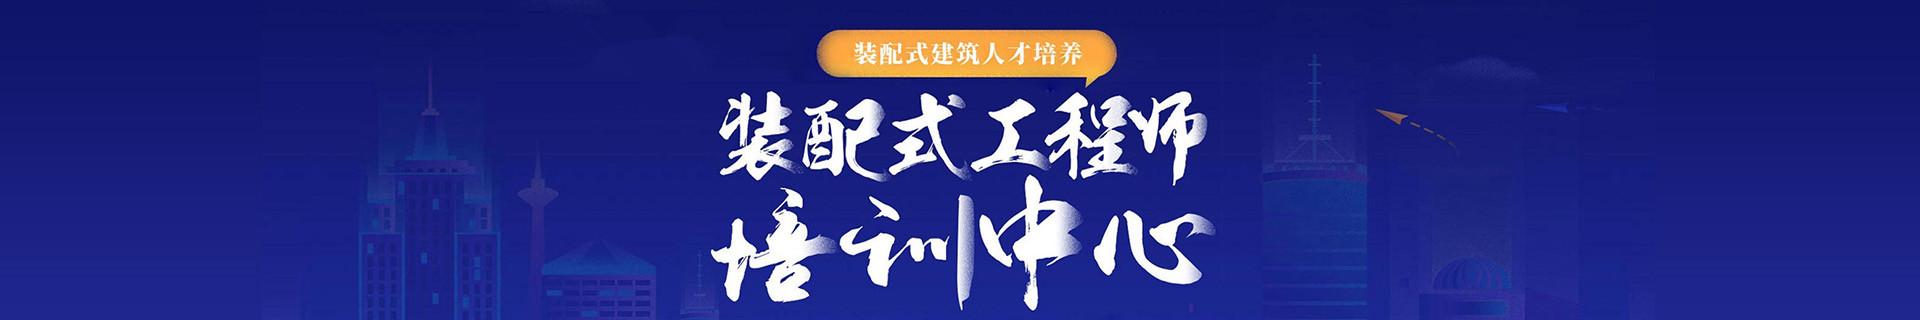 湖南长沙优路教育培训学校